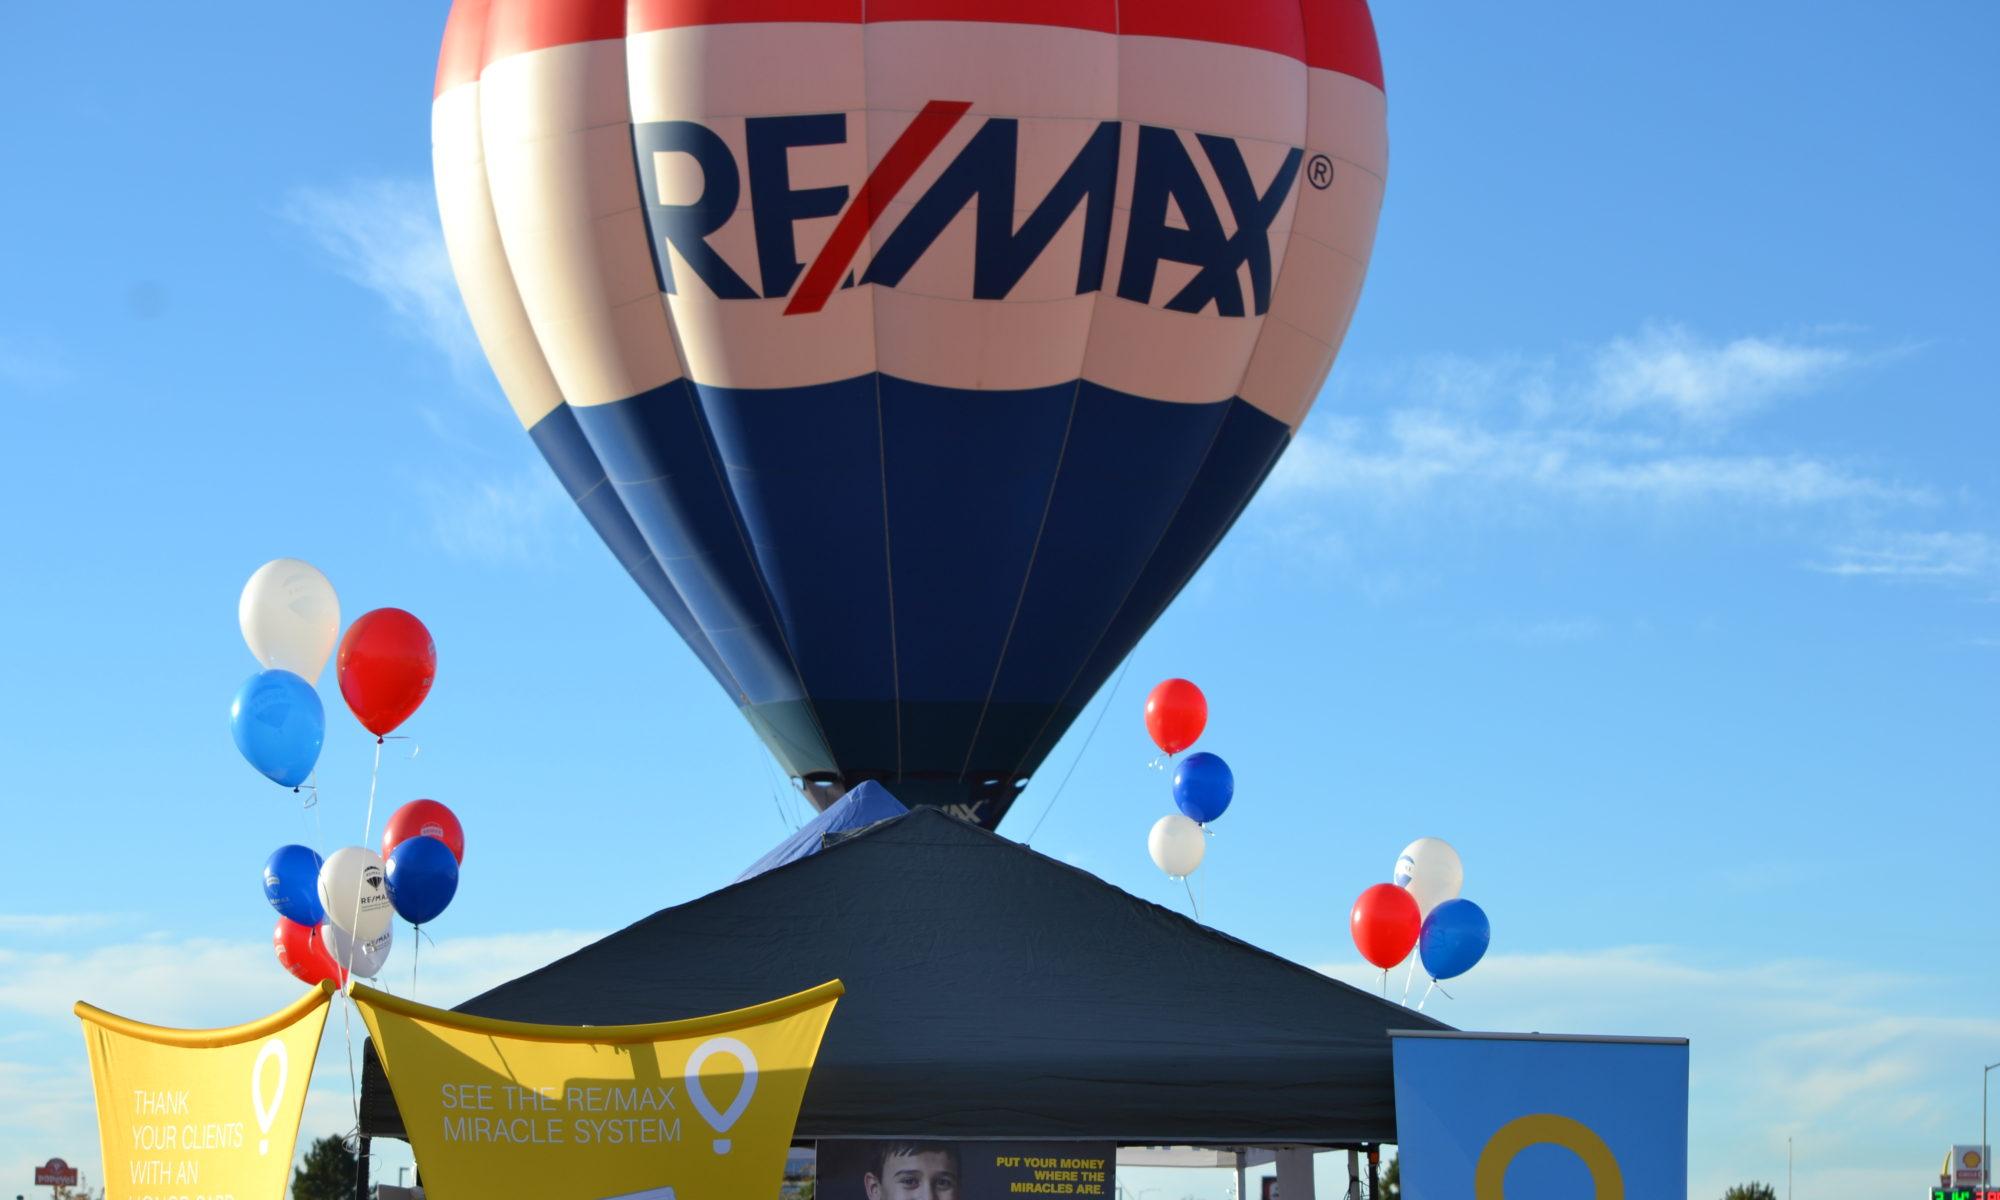 RE/MAX NEXUS Fall Festival hot air balloon